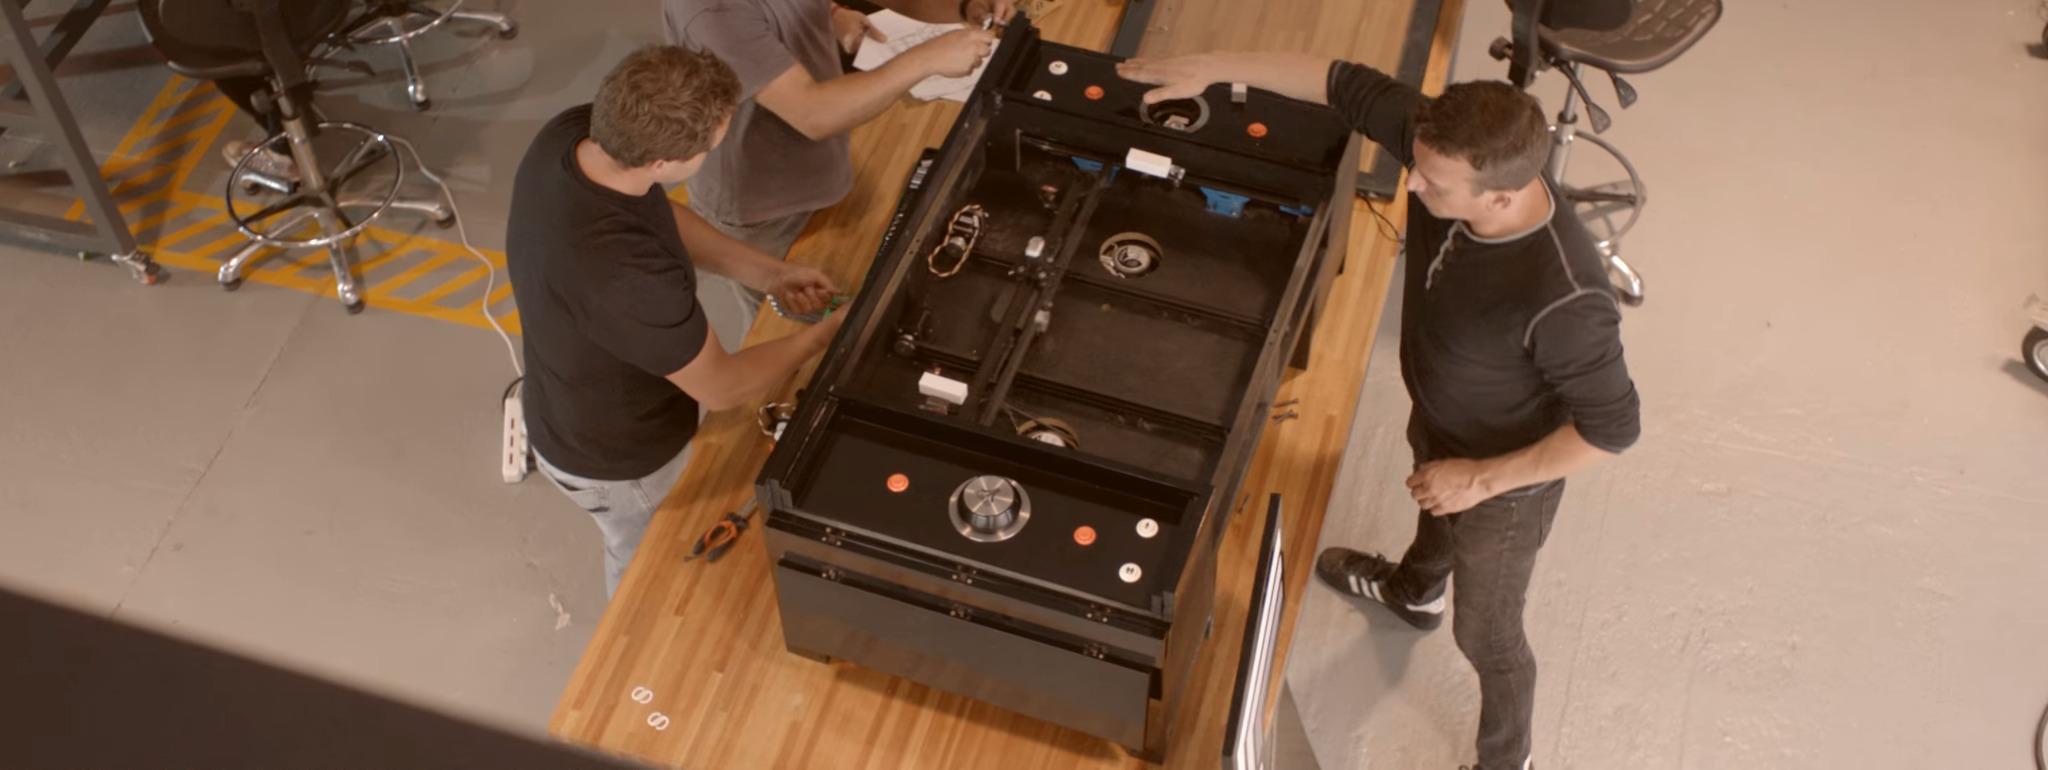 La table pong reproduit m caniquement le jeu pong sur une - Que mettre sur une table basse ...